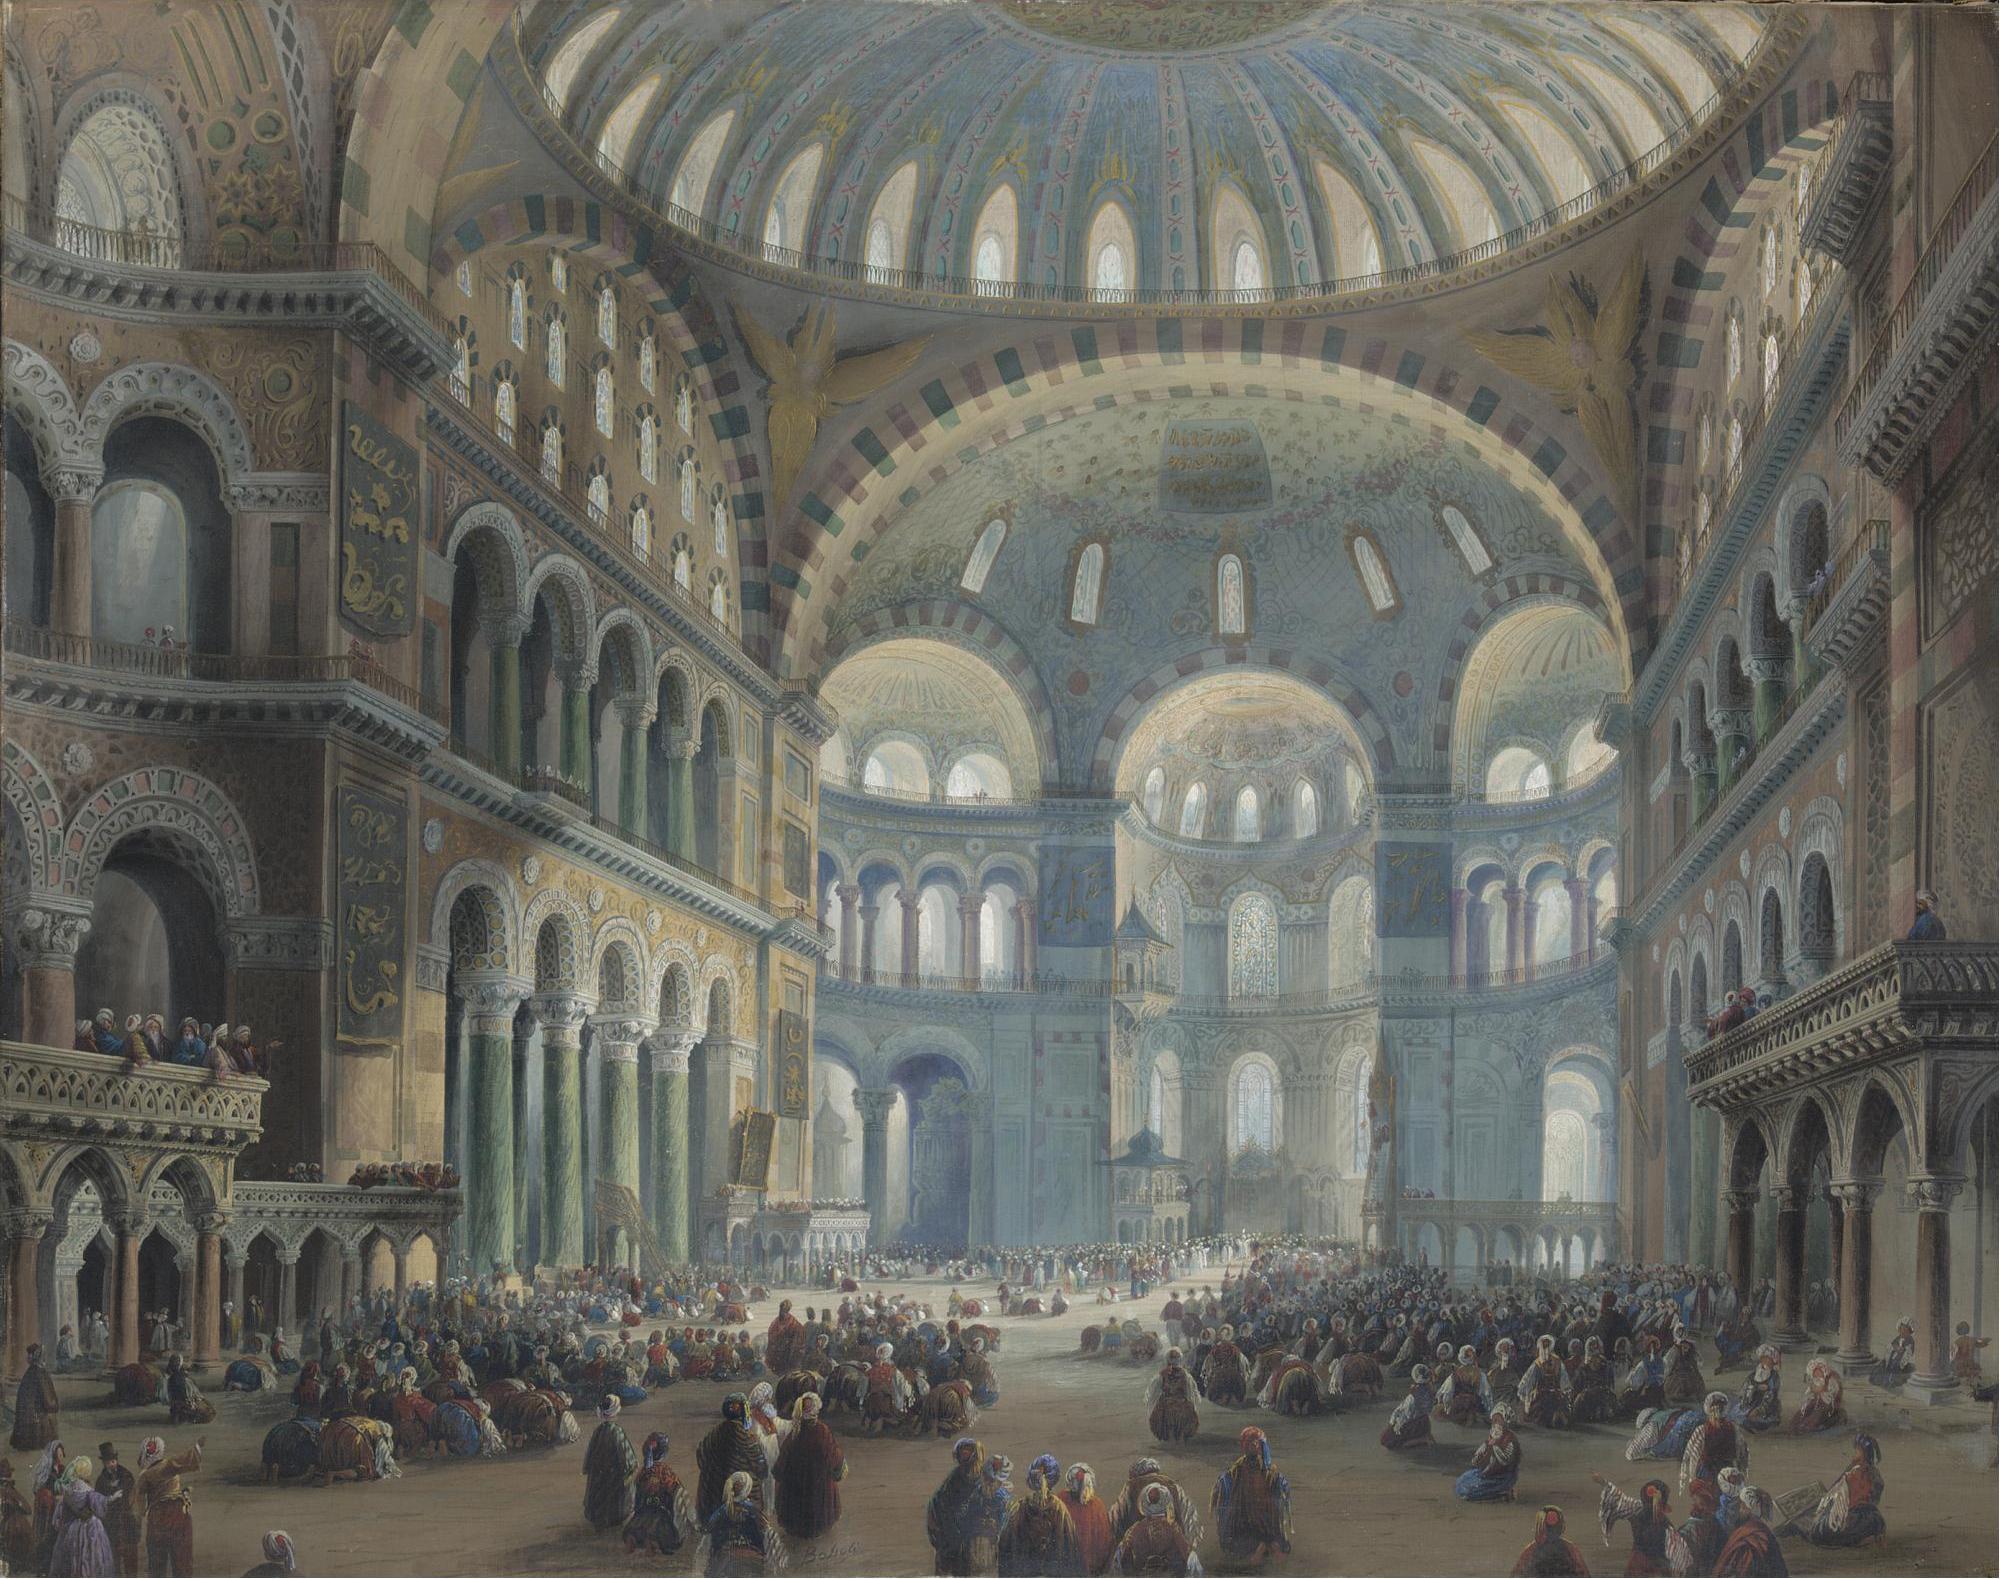 Carlo Bossoli - Intérieur de Sainte Sophie à Constantinople - 1839